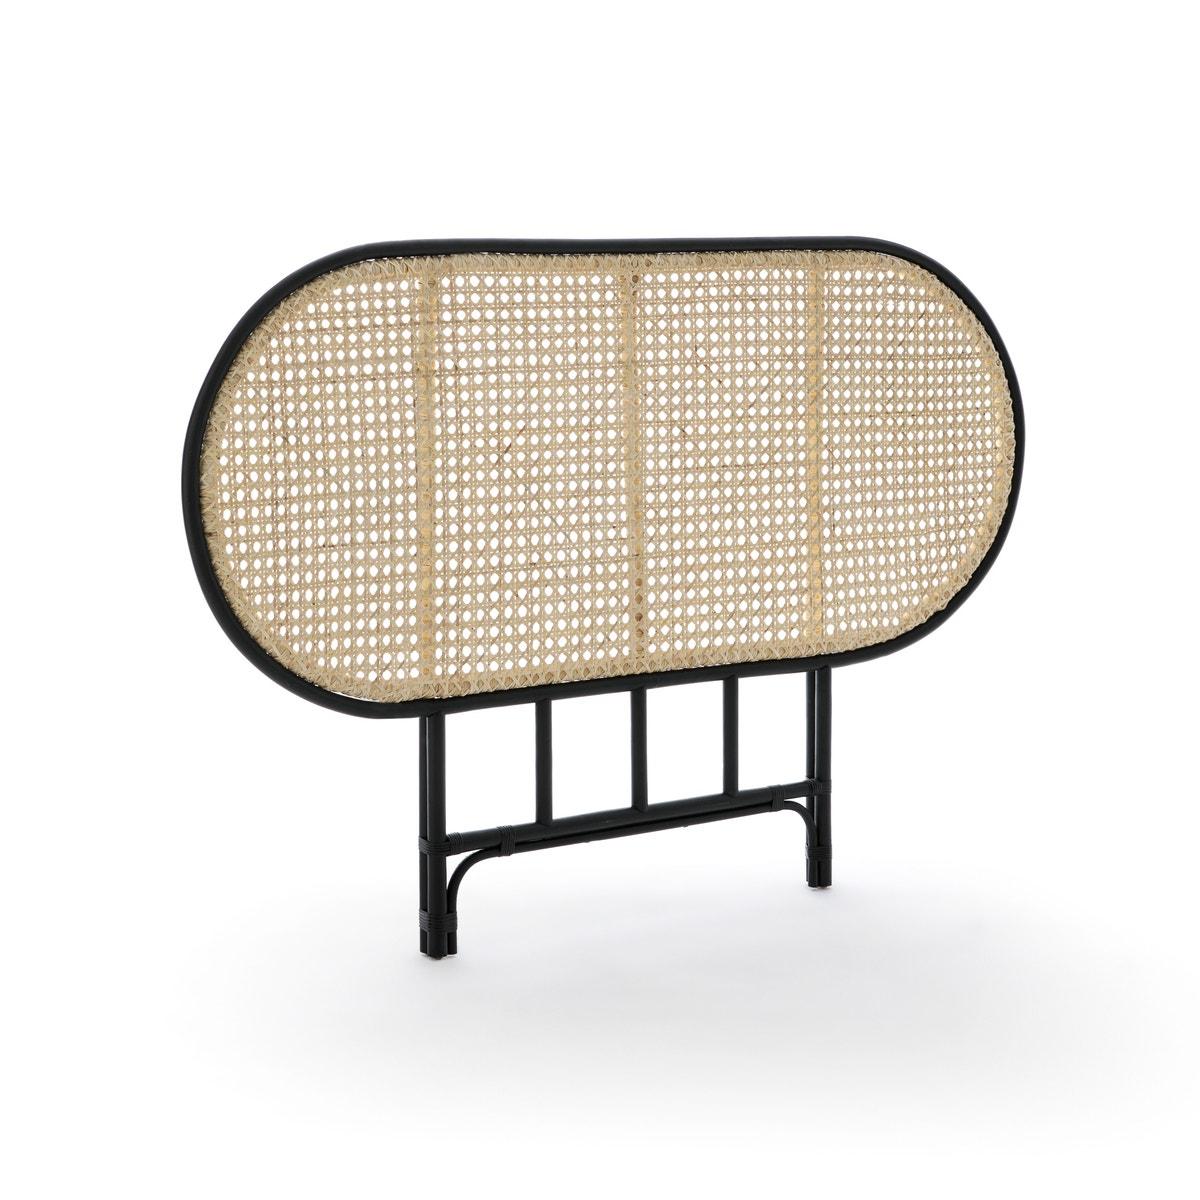 Ψάθινο κεφαλάρι κρεβατιού από ρατάν, Cedak